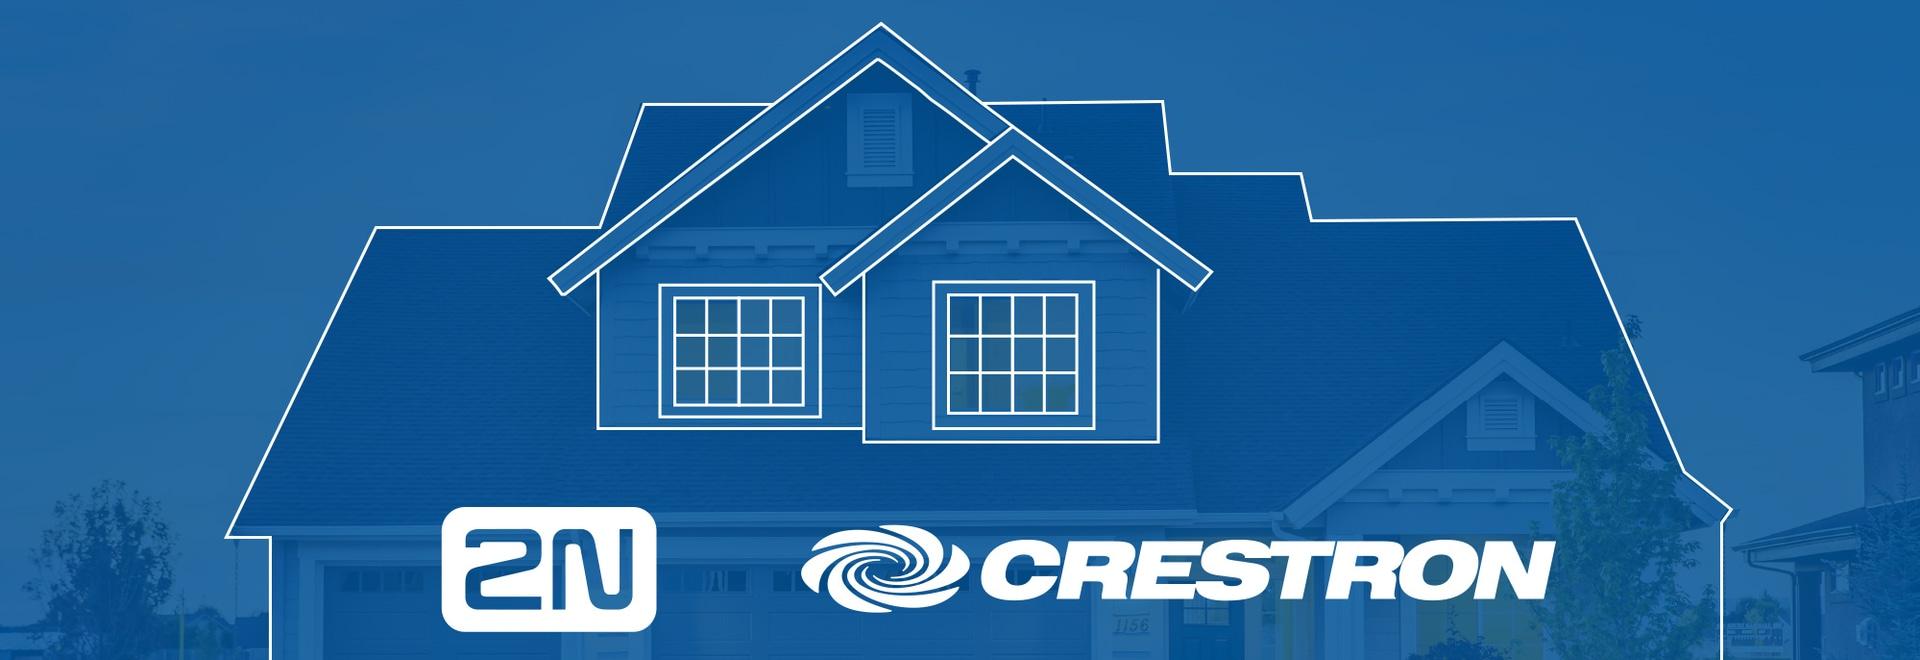 Ofrezca una vivienda inteligente. Ofrezca 2N y Crestron juntos